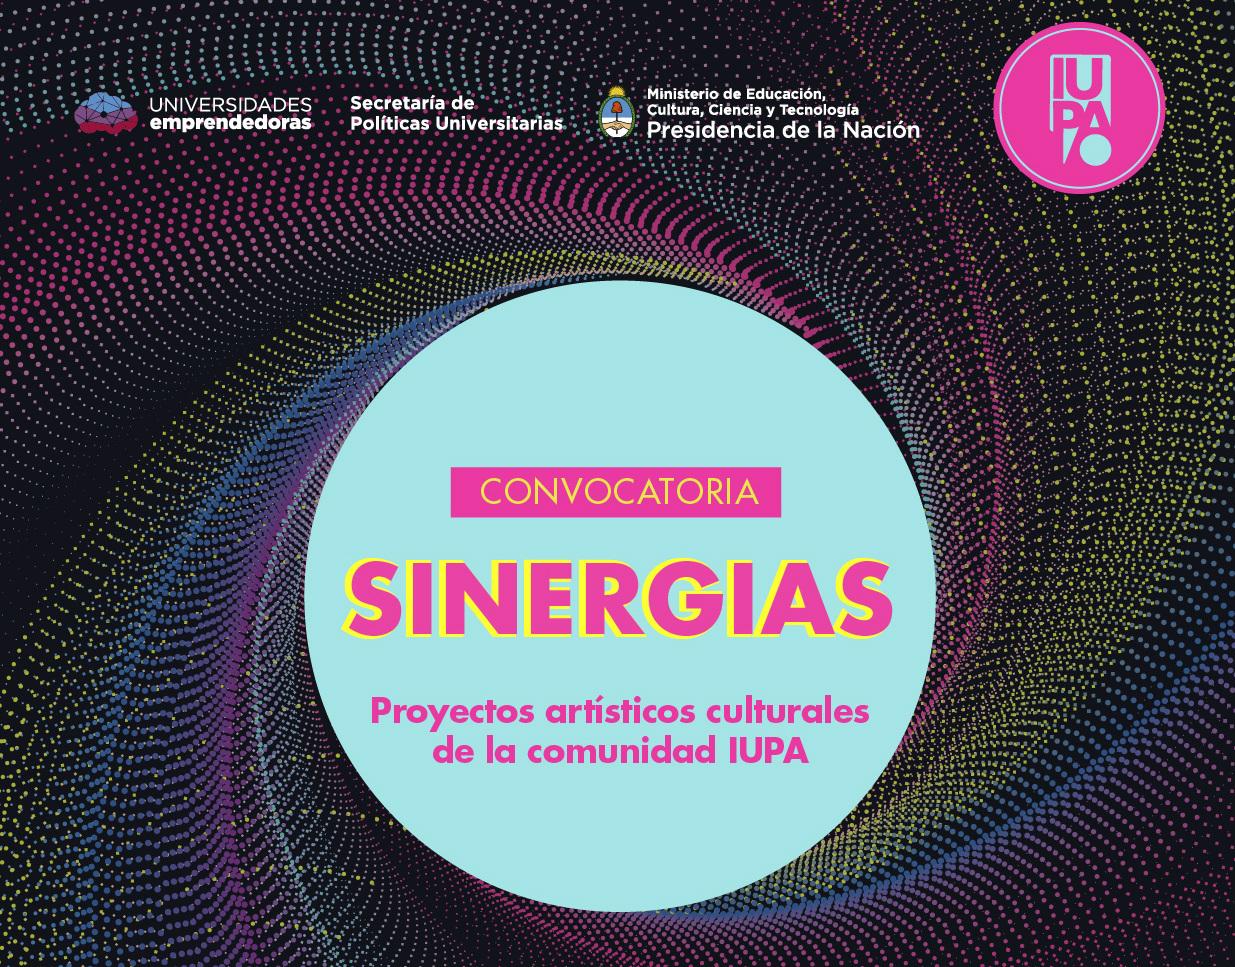 flyer convocatoria Sinergias para proyectos artísticos